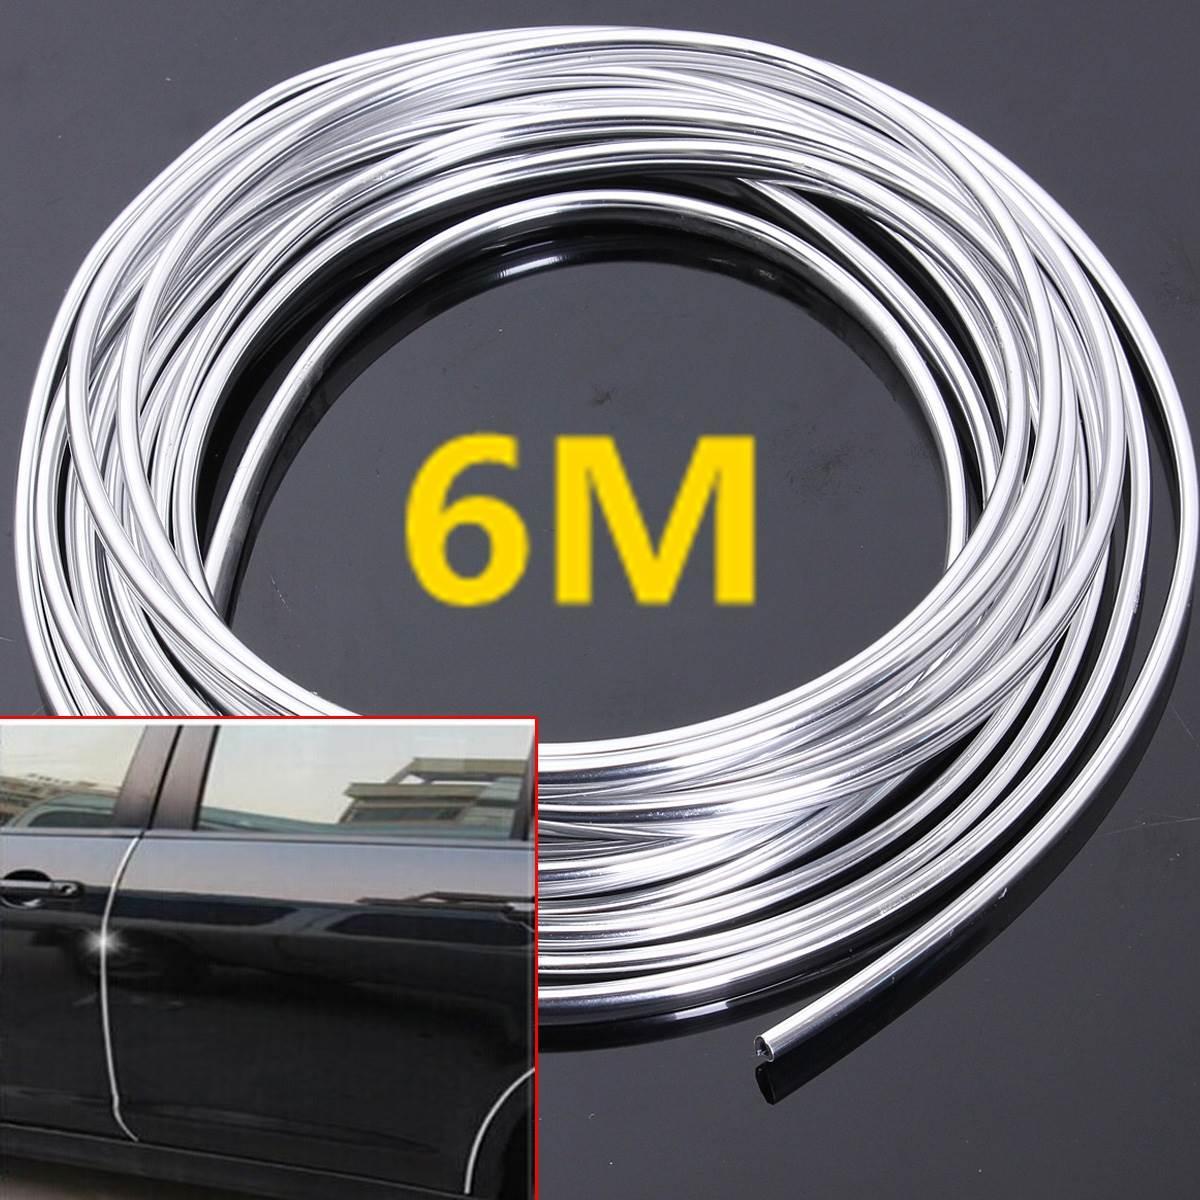 6M Chrome moulage garniture bande voiture porte bord Scratch garde protecteur couverture bande rouleau